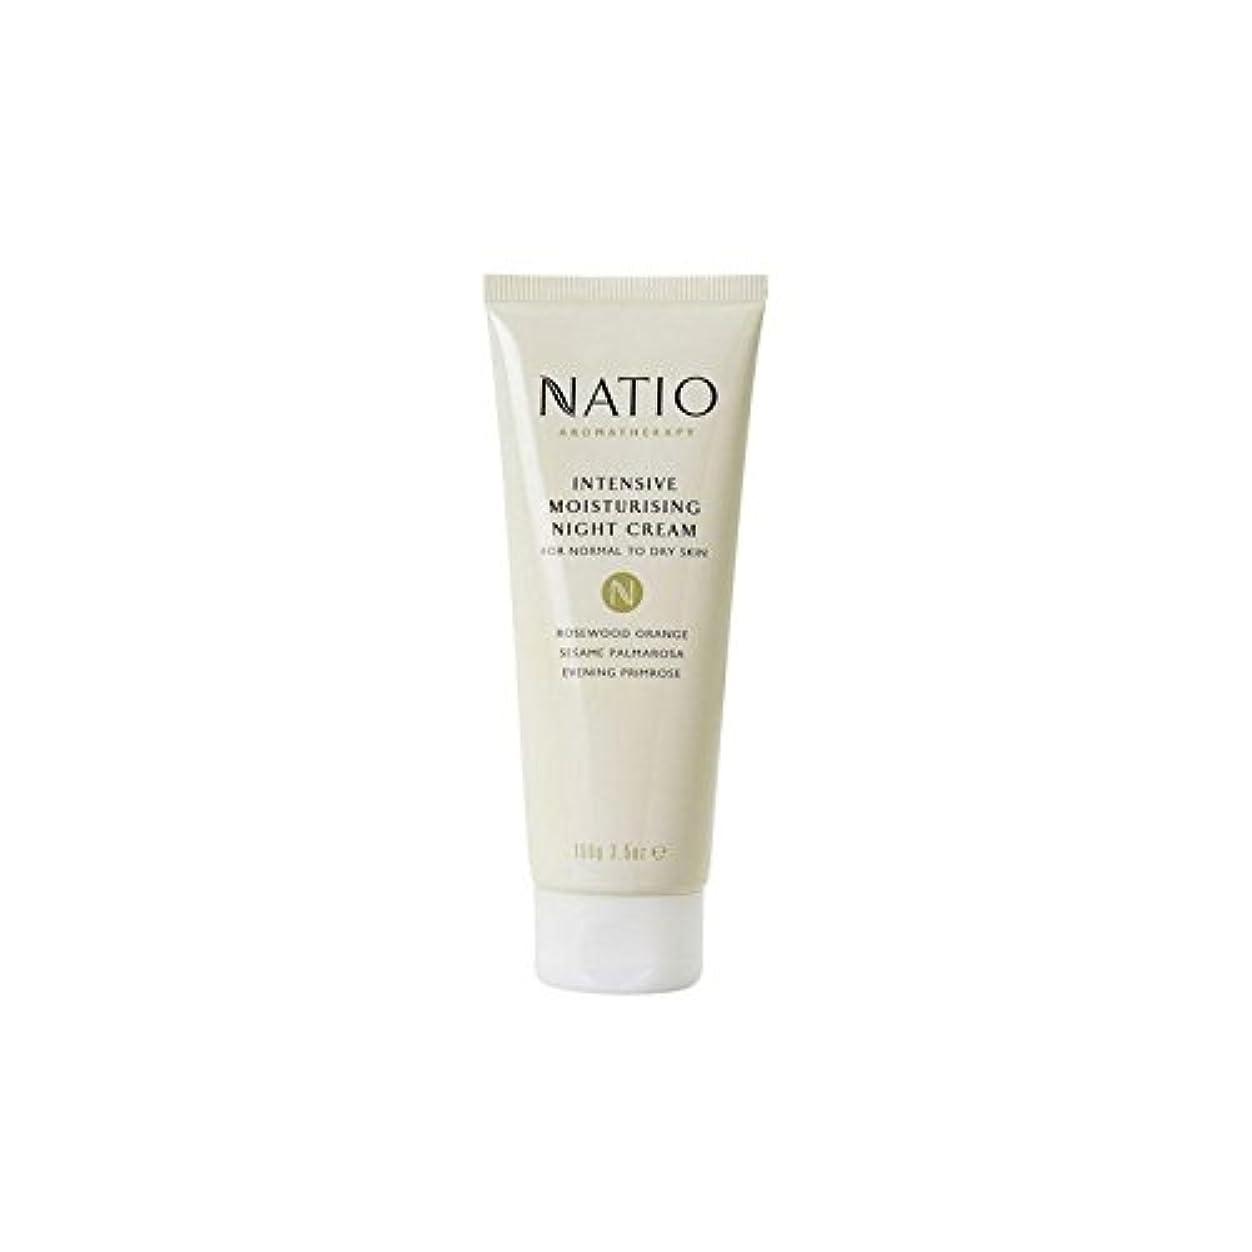 異邦人古い製造集中的な保湿ナイトクリーム(100グラム) x4 - Natio Intensive Moisturising Night Cream (100G) (Pack of 4) [並行輸入品]